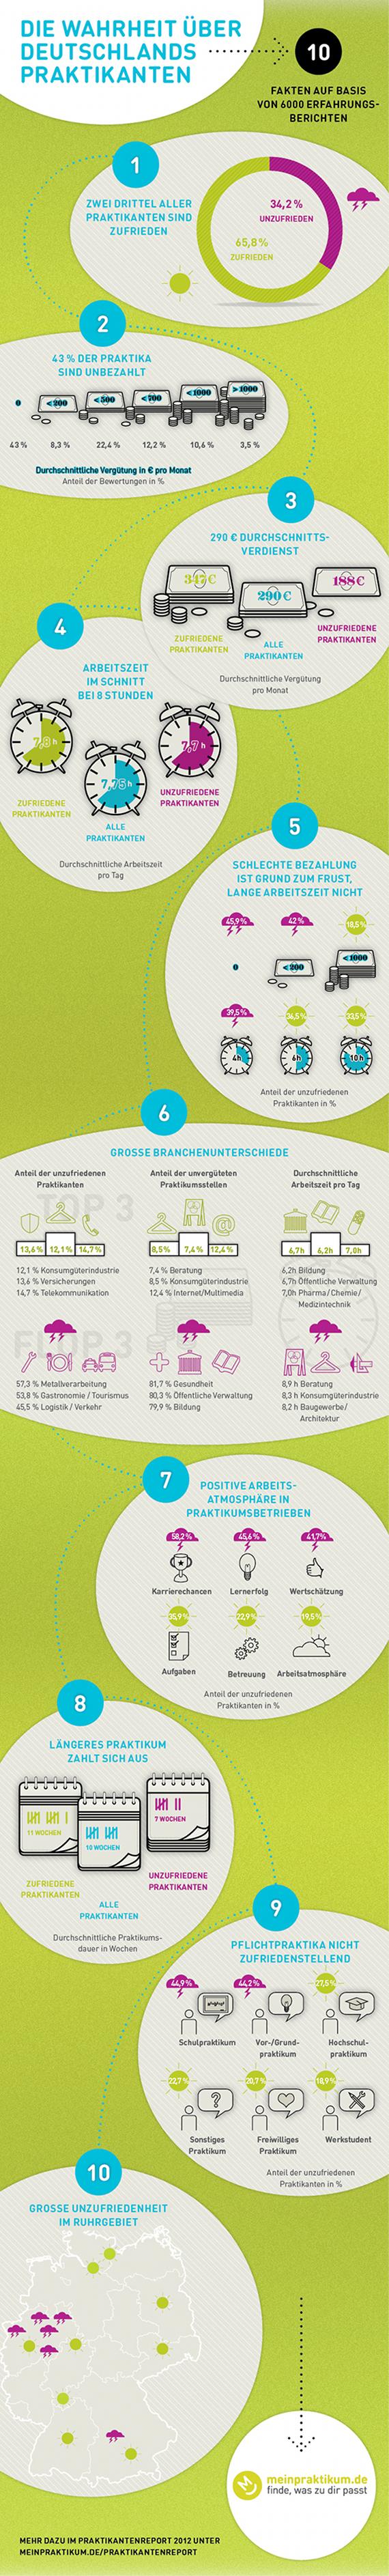 Praktikum Machen Suchen Finden Und 17 Wertvolle Tipps Infografik Wahrheit Grafik